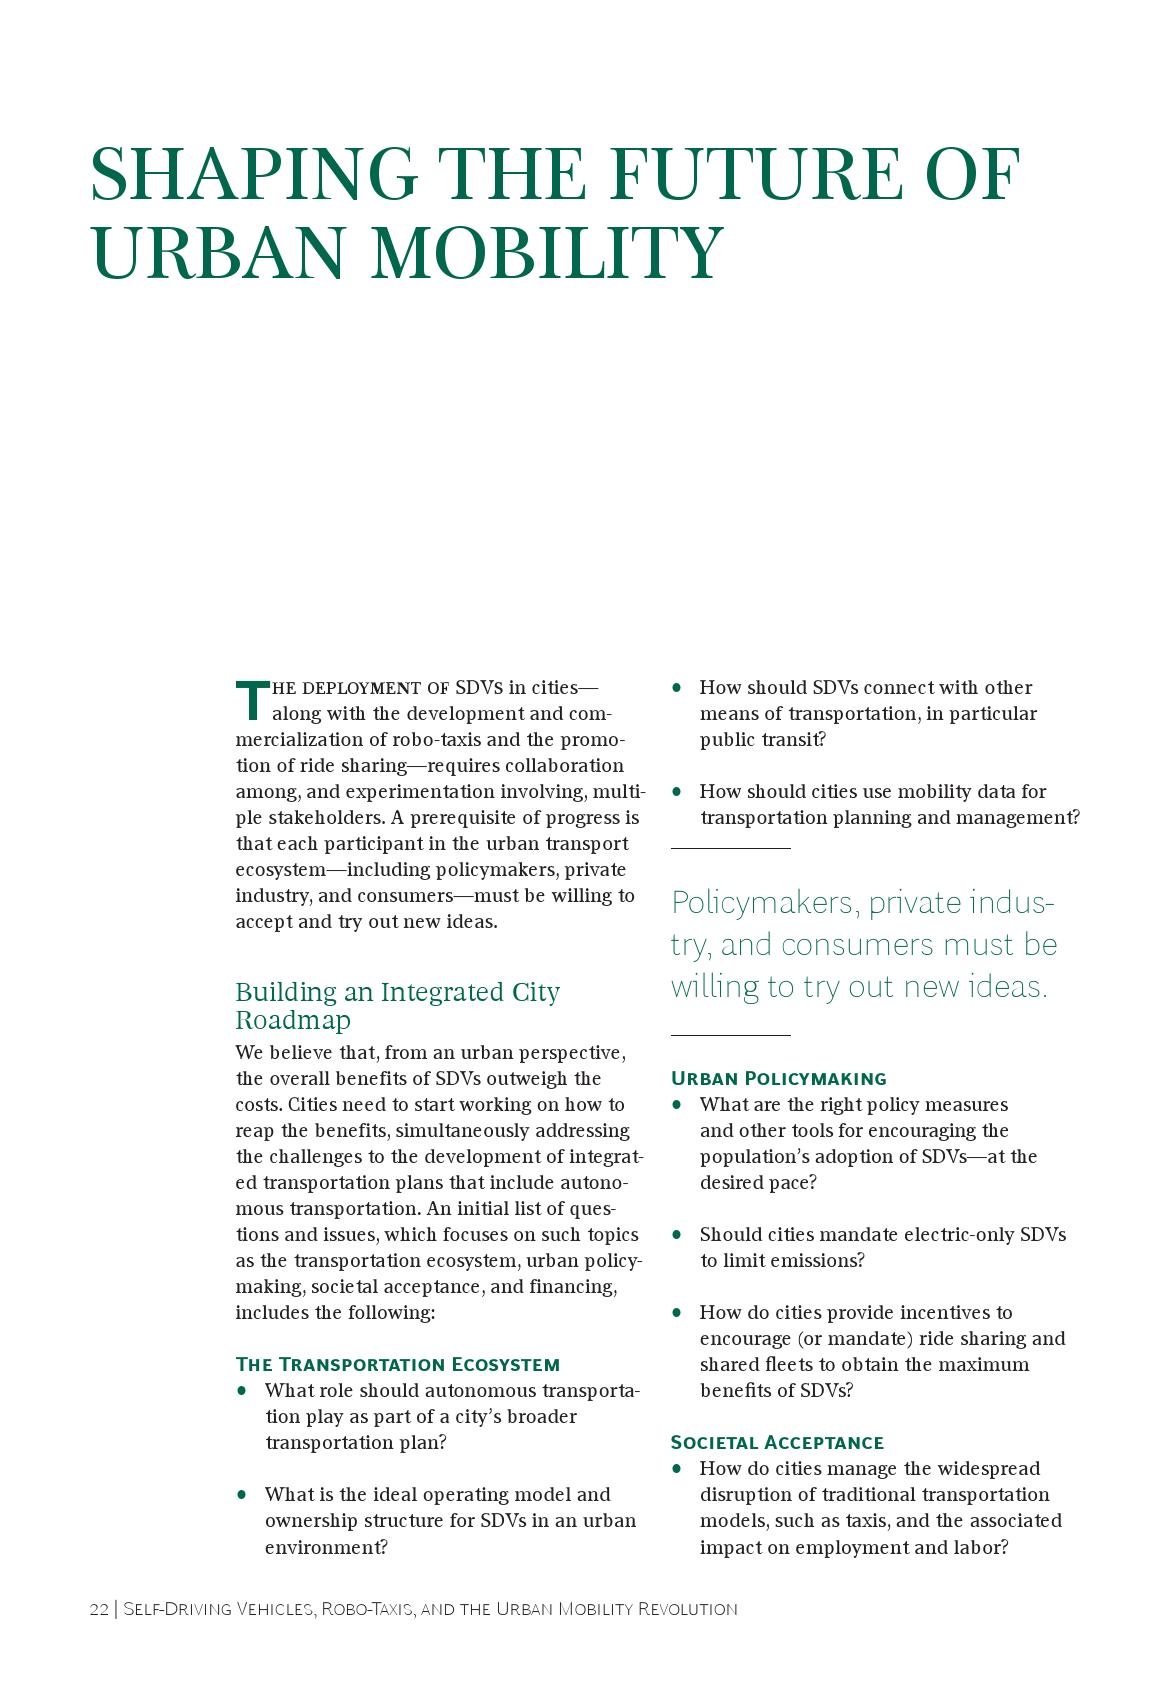 自动驾驶与城市交通革命_000024